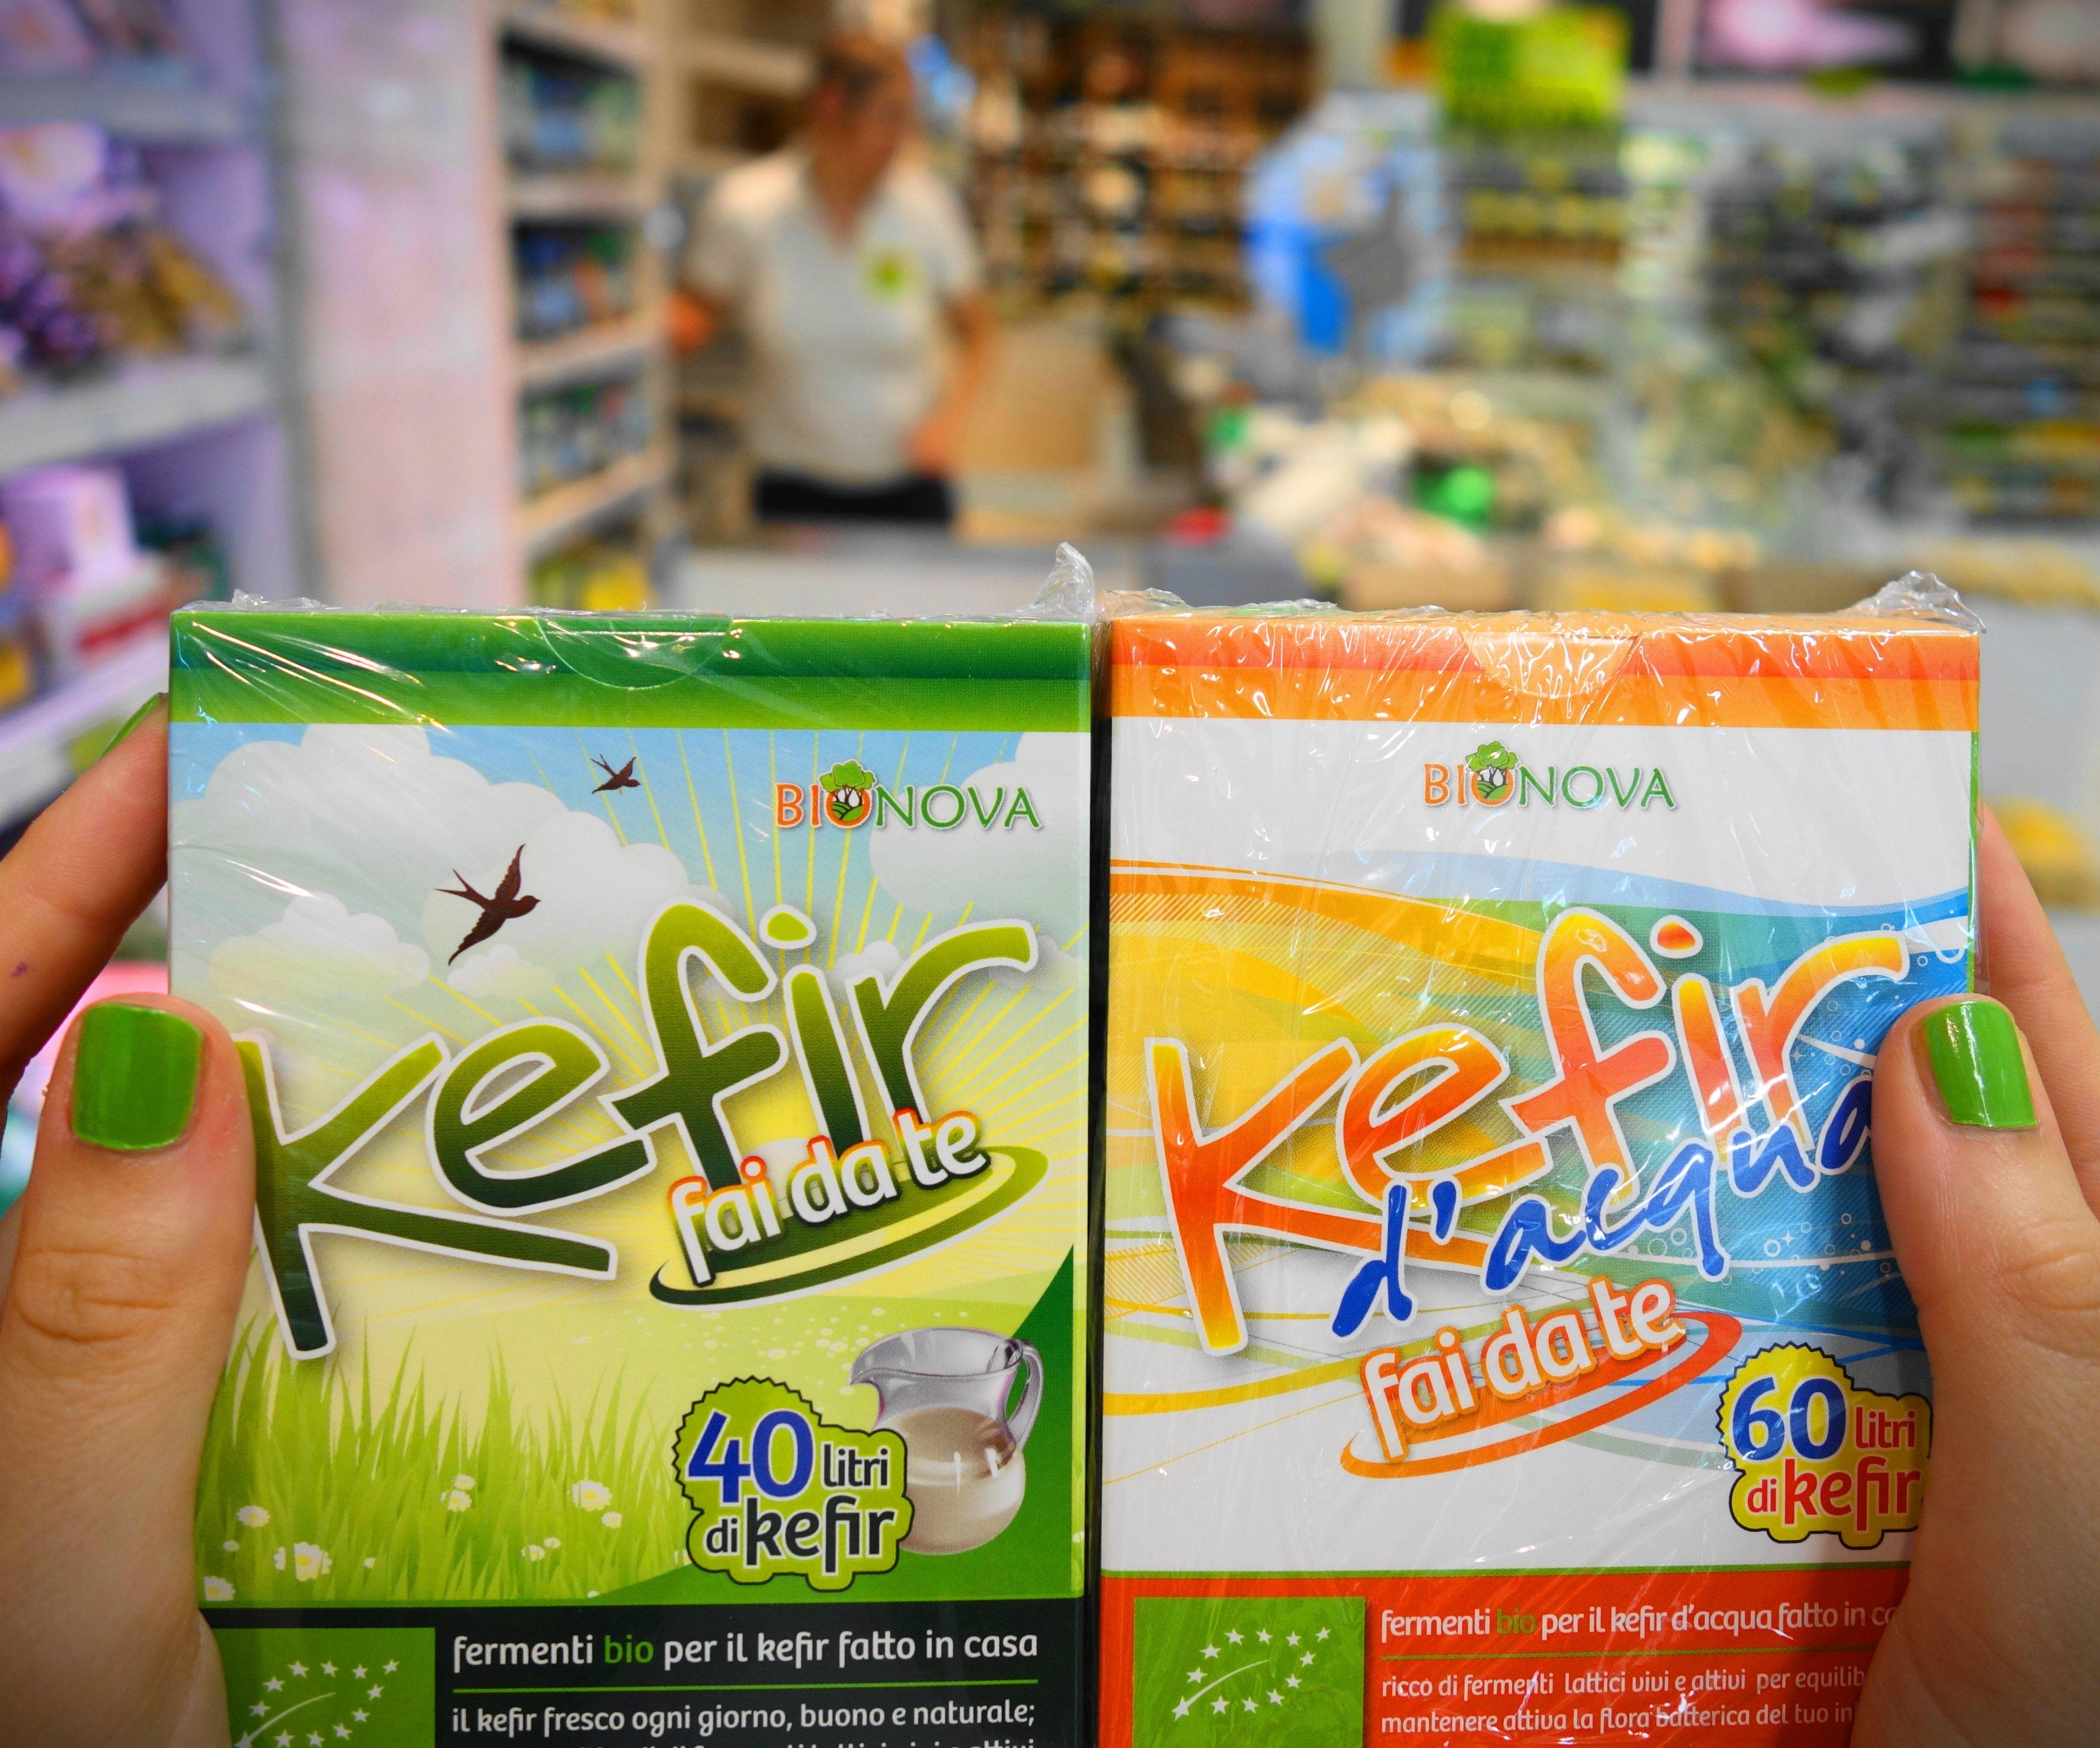 Il Kefir è una miniera di elementi salutari per il nostro organismo: probiotici, minerali, aminoacidi, vitamine. Con i preparati Bionova è facile prepararlo anche in casa, partendo da latte, bevande vegetali o semplicemente acqua.